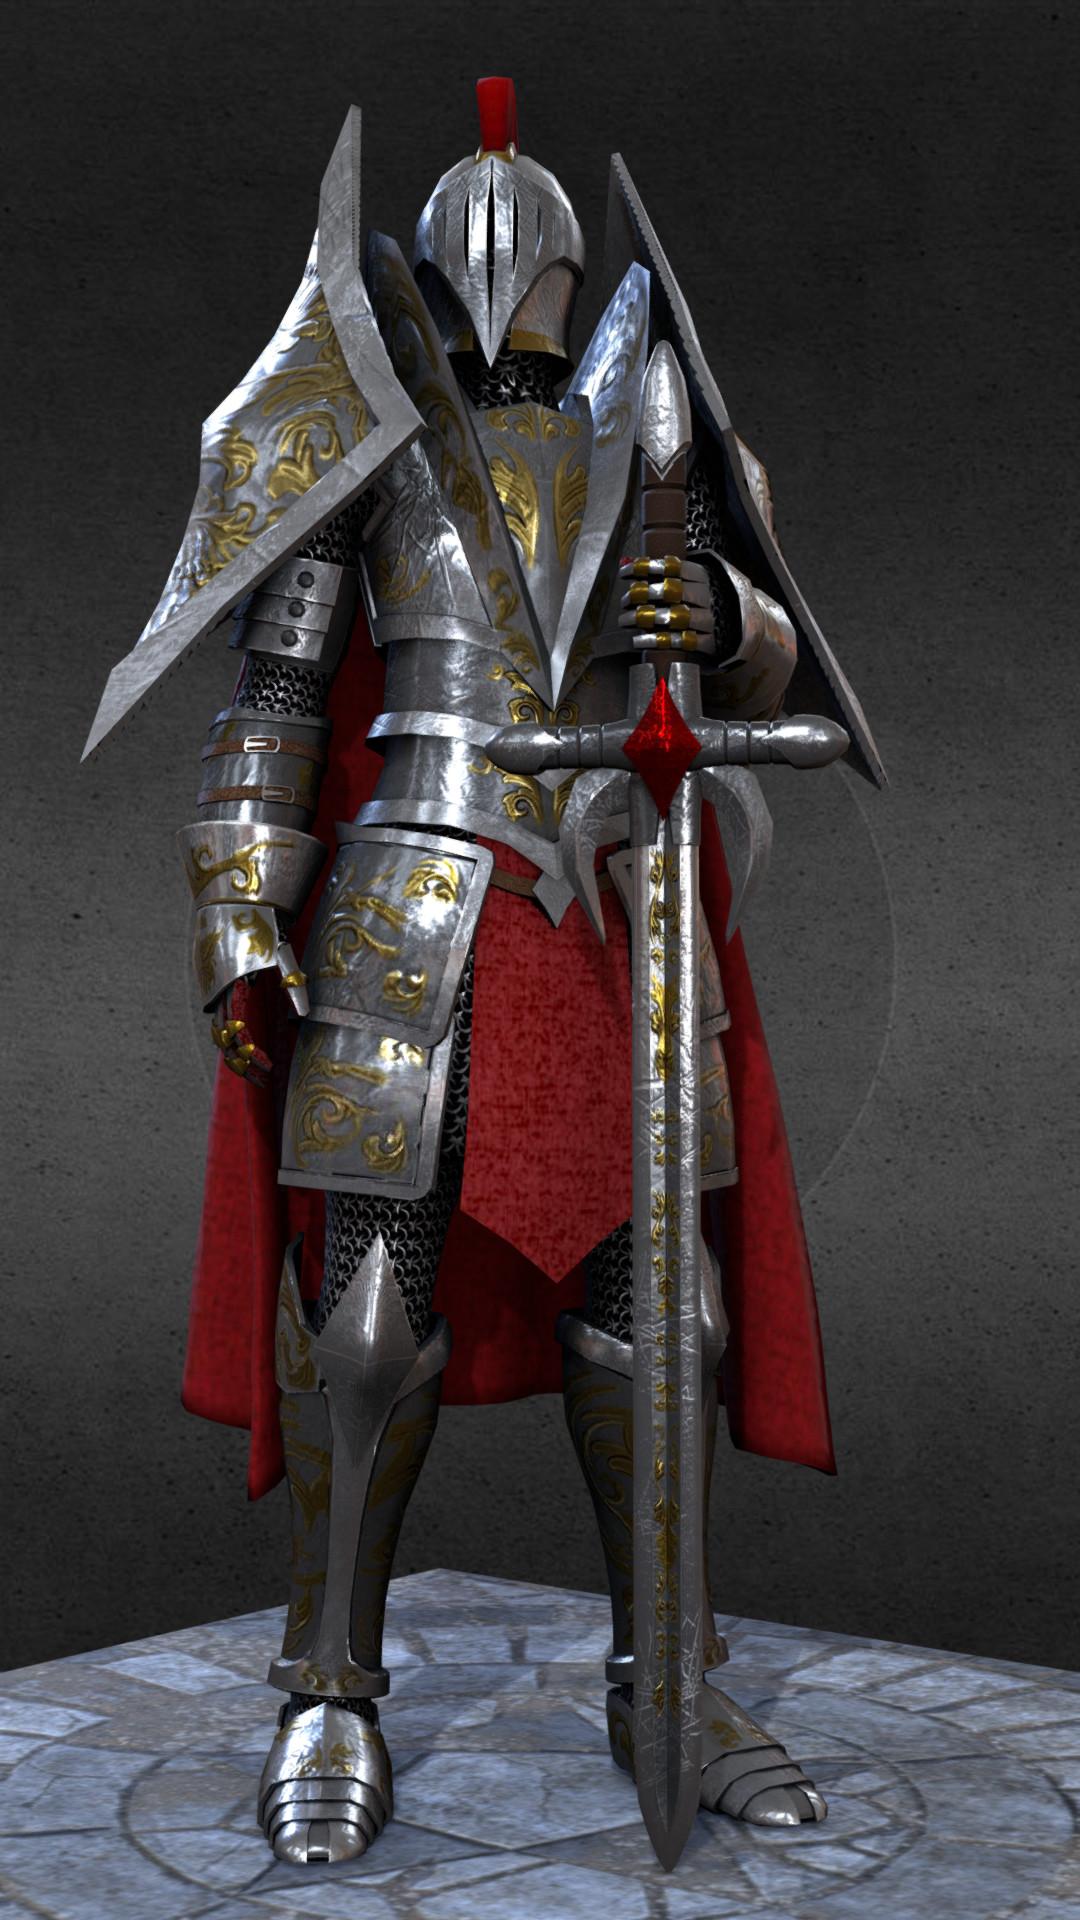 Ivan batalla knight medieval fantasy 3